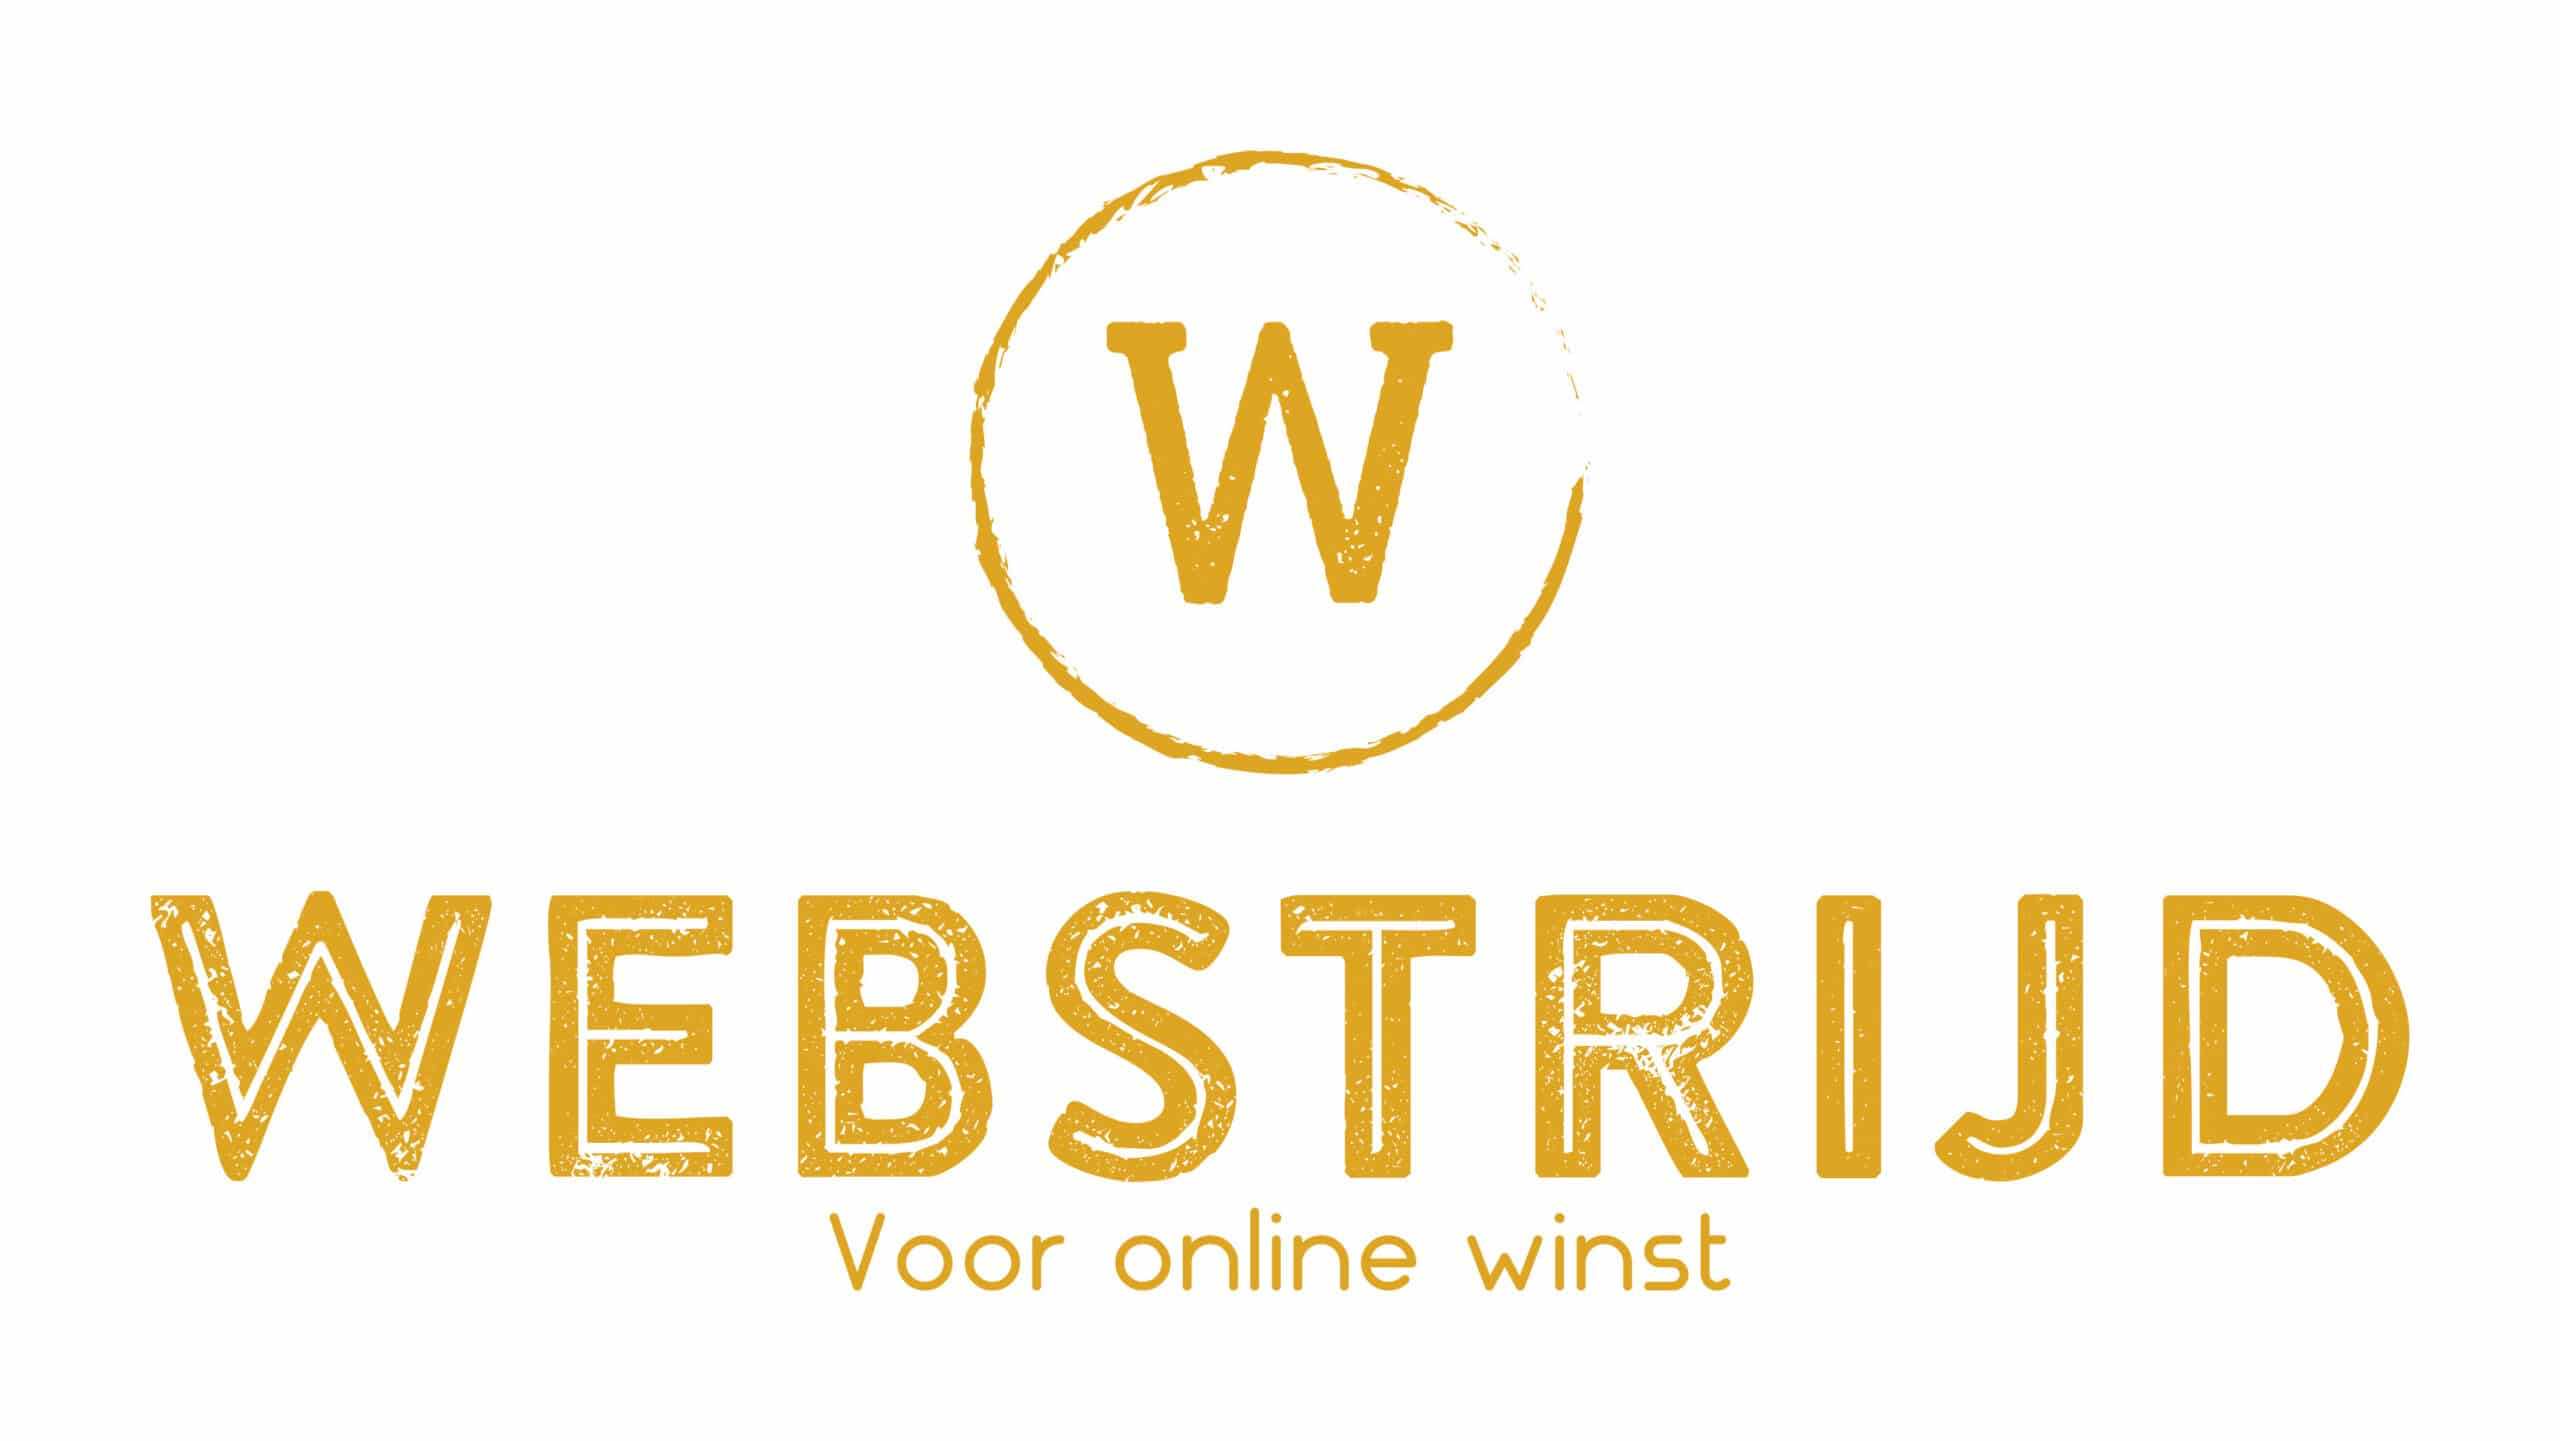 WEBSTRIJD